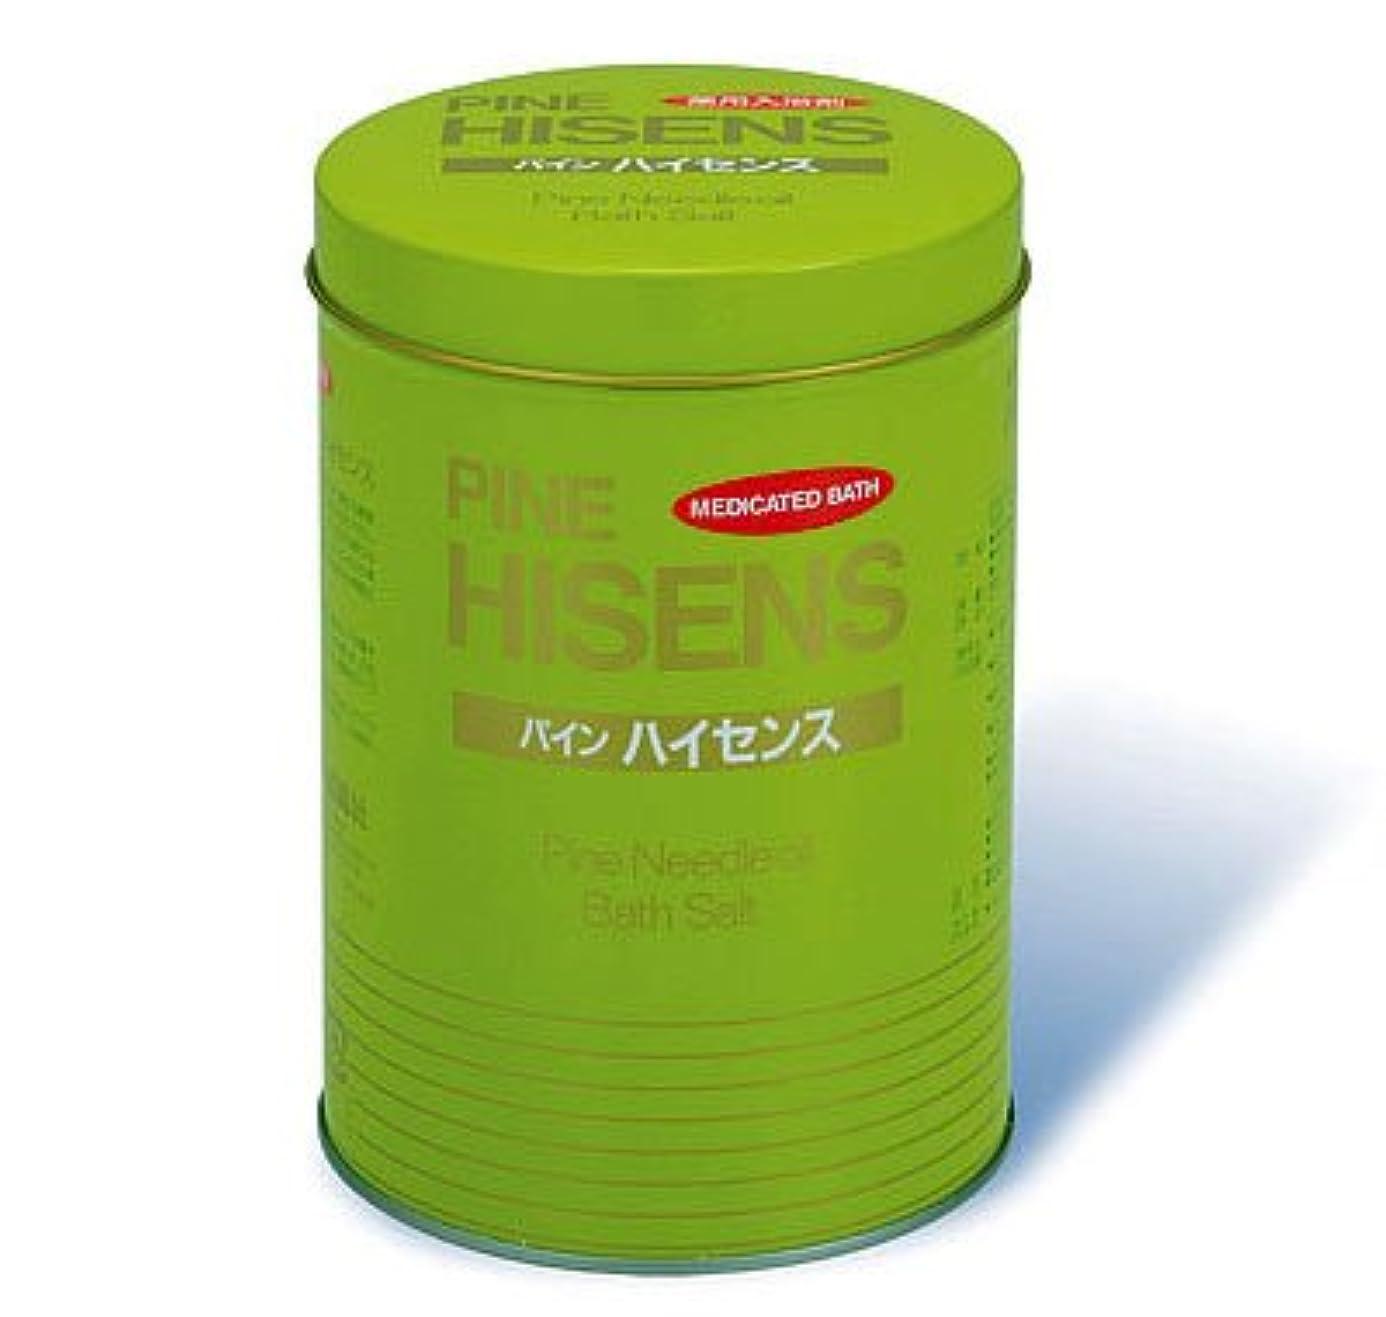 バルブ政治家の最終高陽社 薬用入浴剤 パインハイセンス 2.1kg 1缶